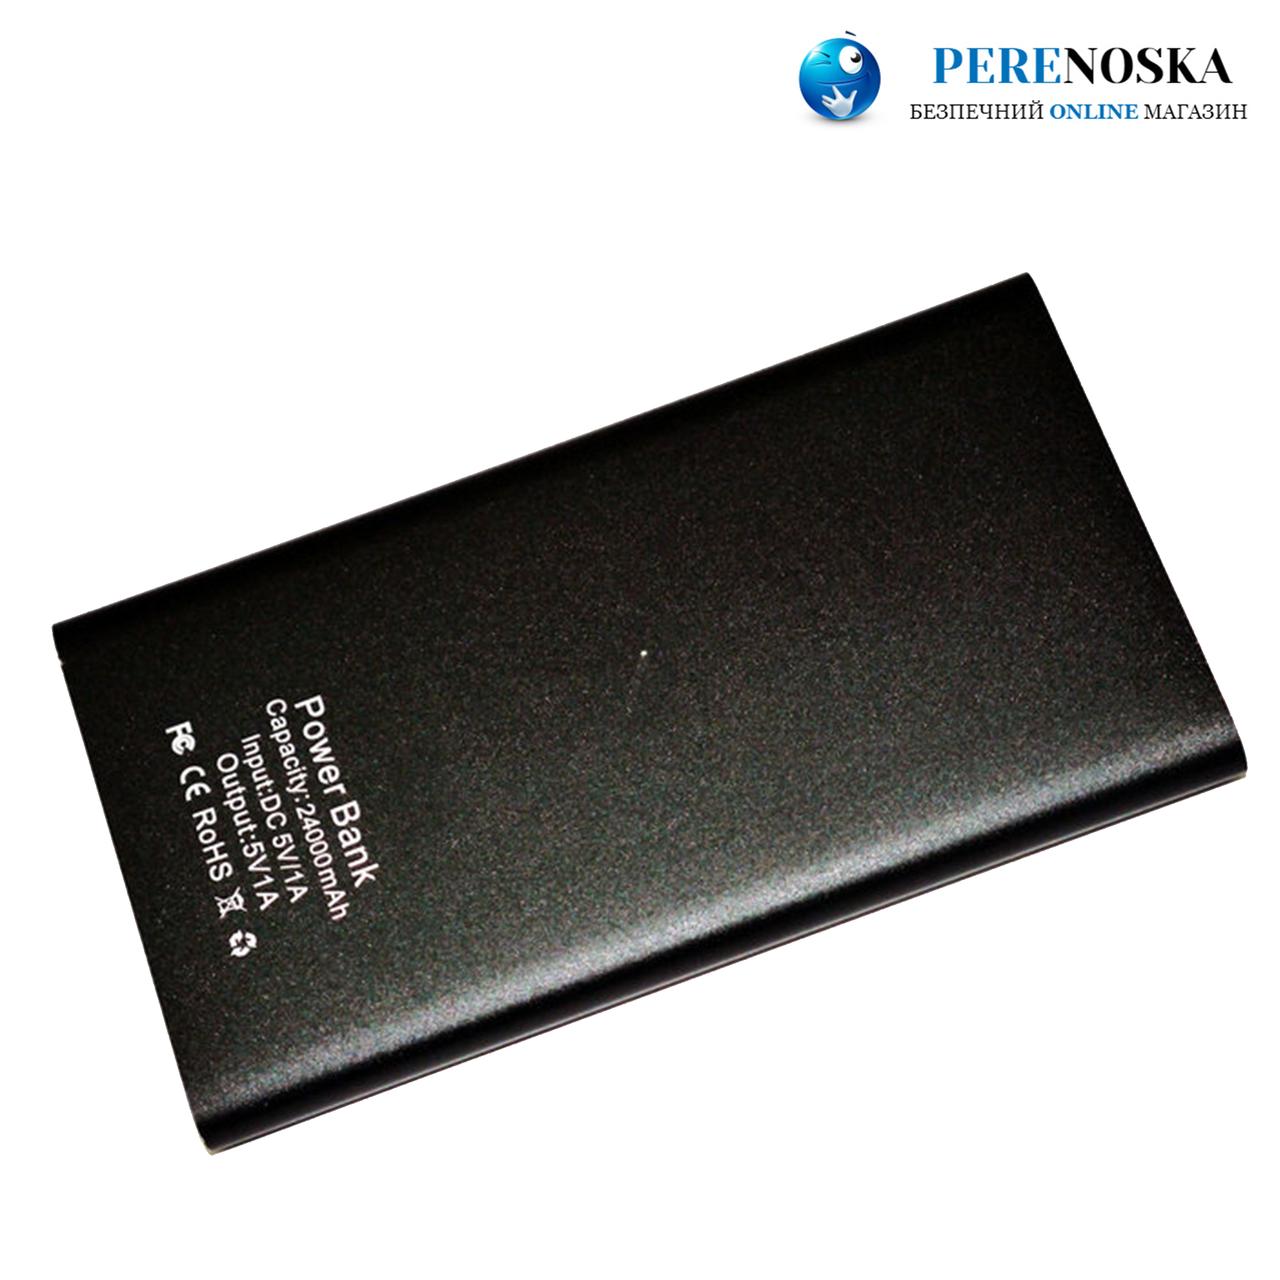 Power Bank Xiaomi Mi 24000 mAh Метал. корпус черный